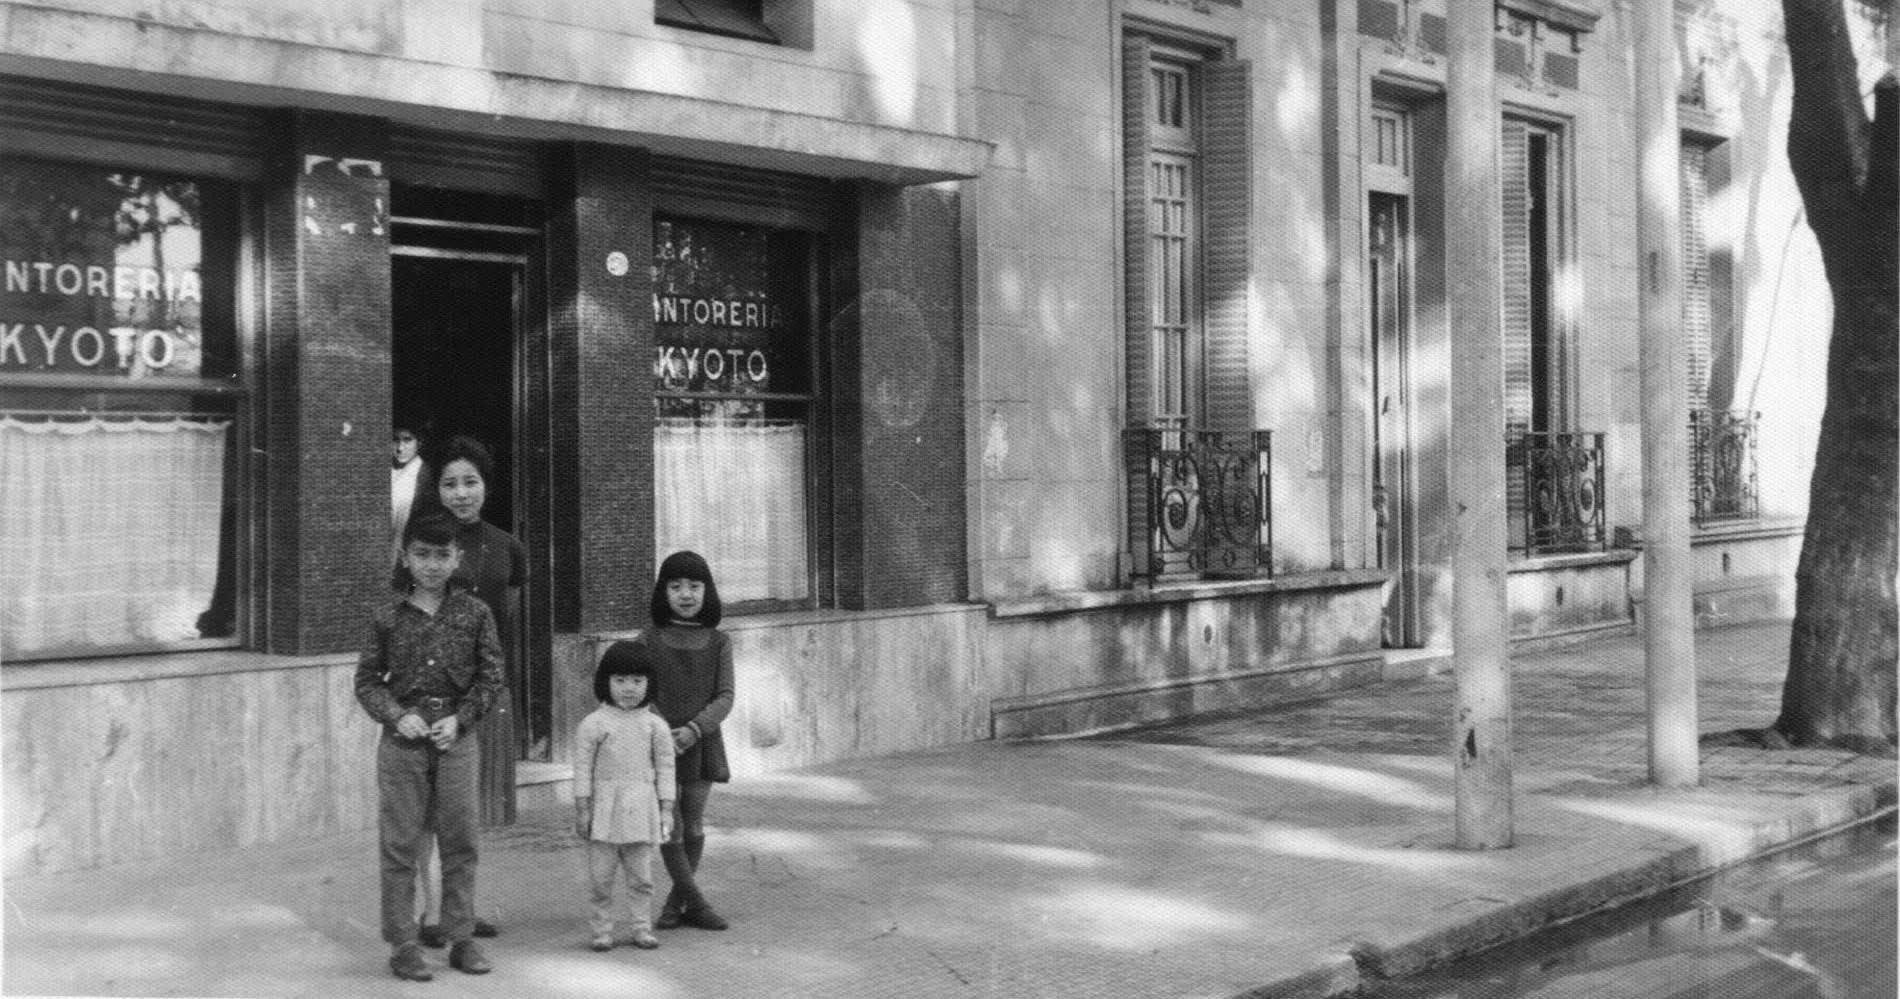 Tintorería Kyoto - circa 1960